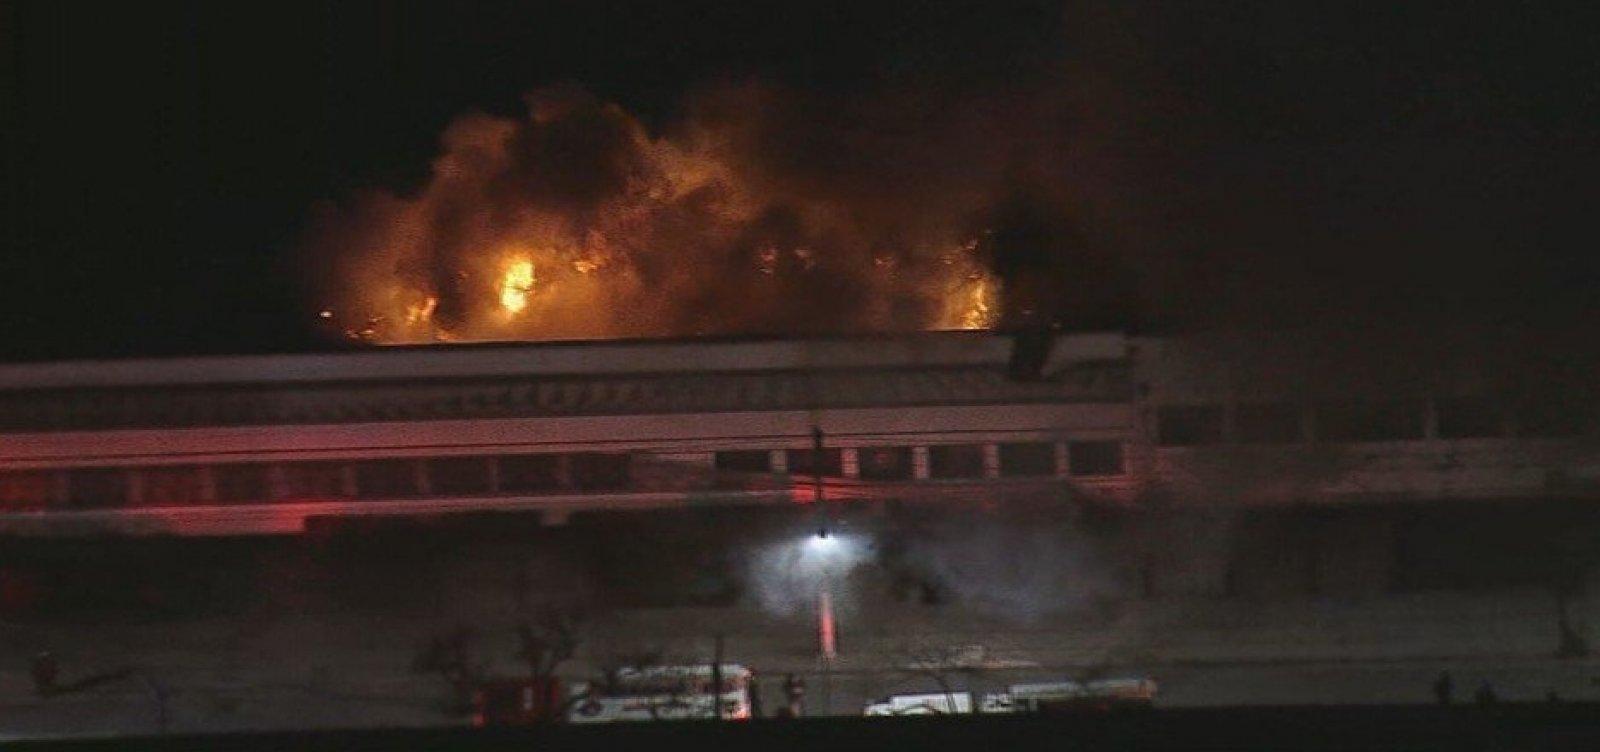 MPF alertou governo federal sobre risco de incêndio na Cinemateca há 10 dias